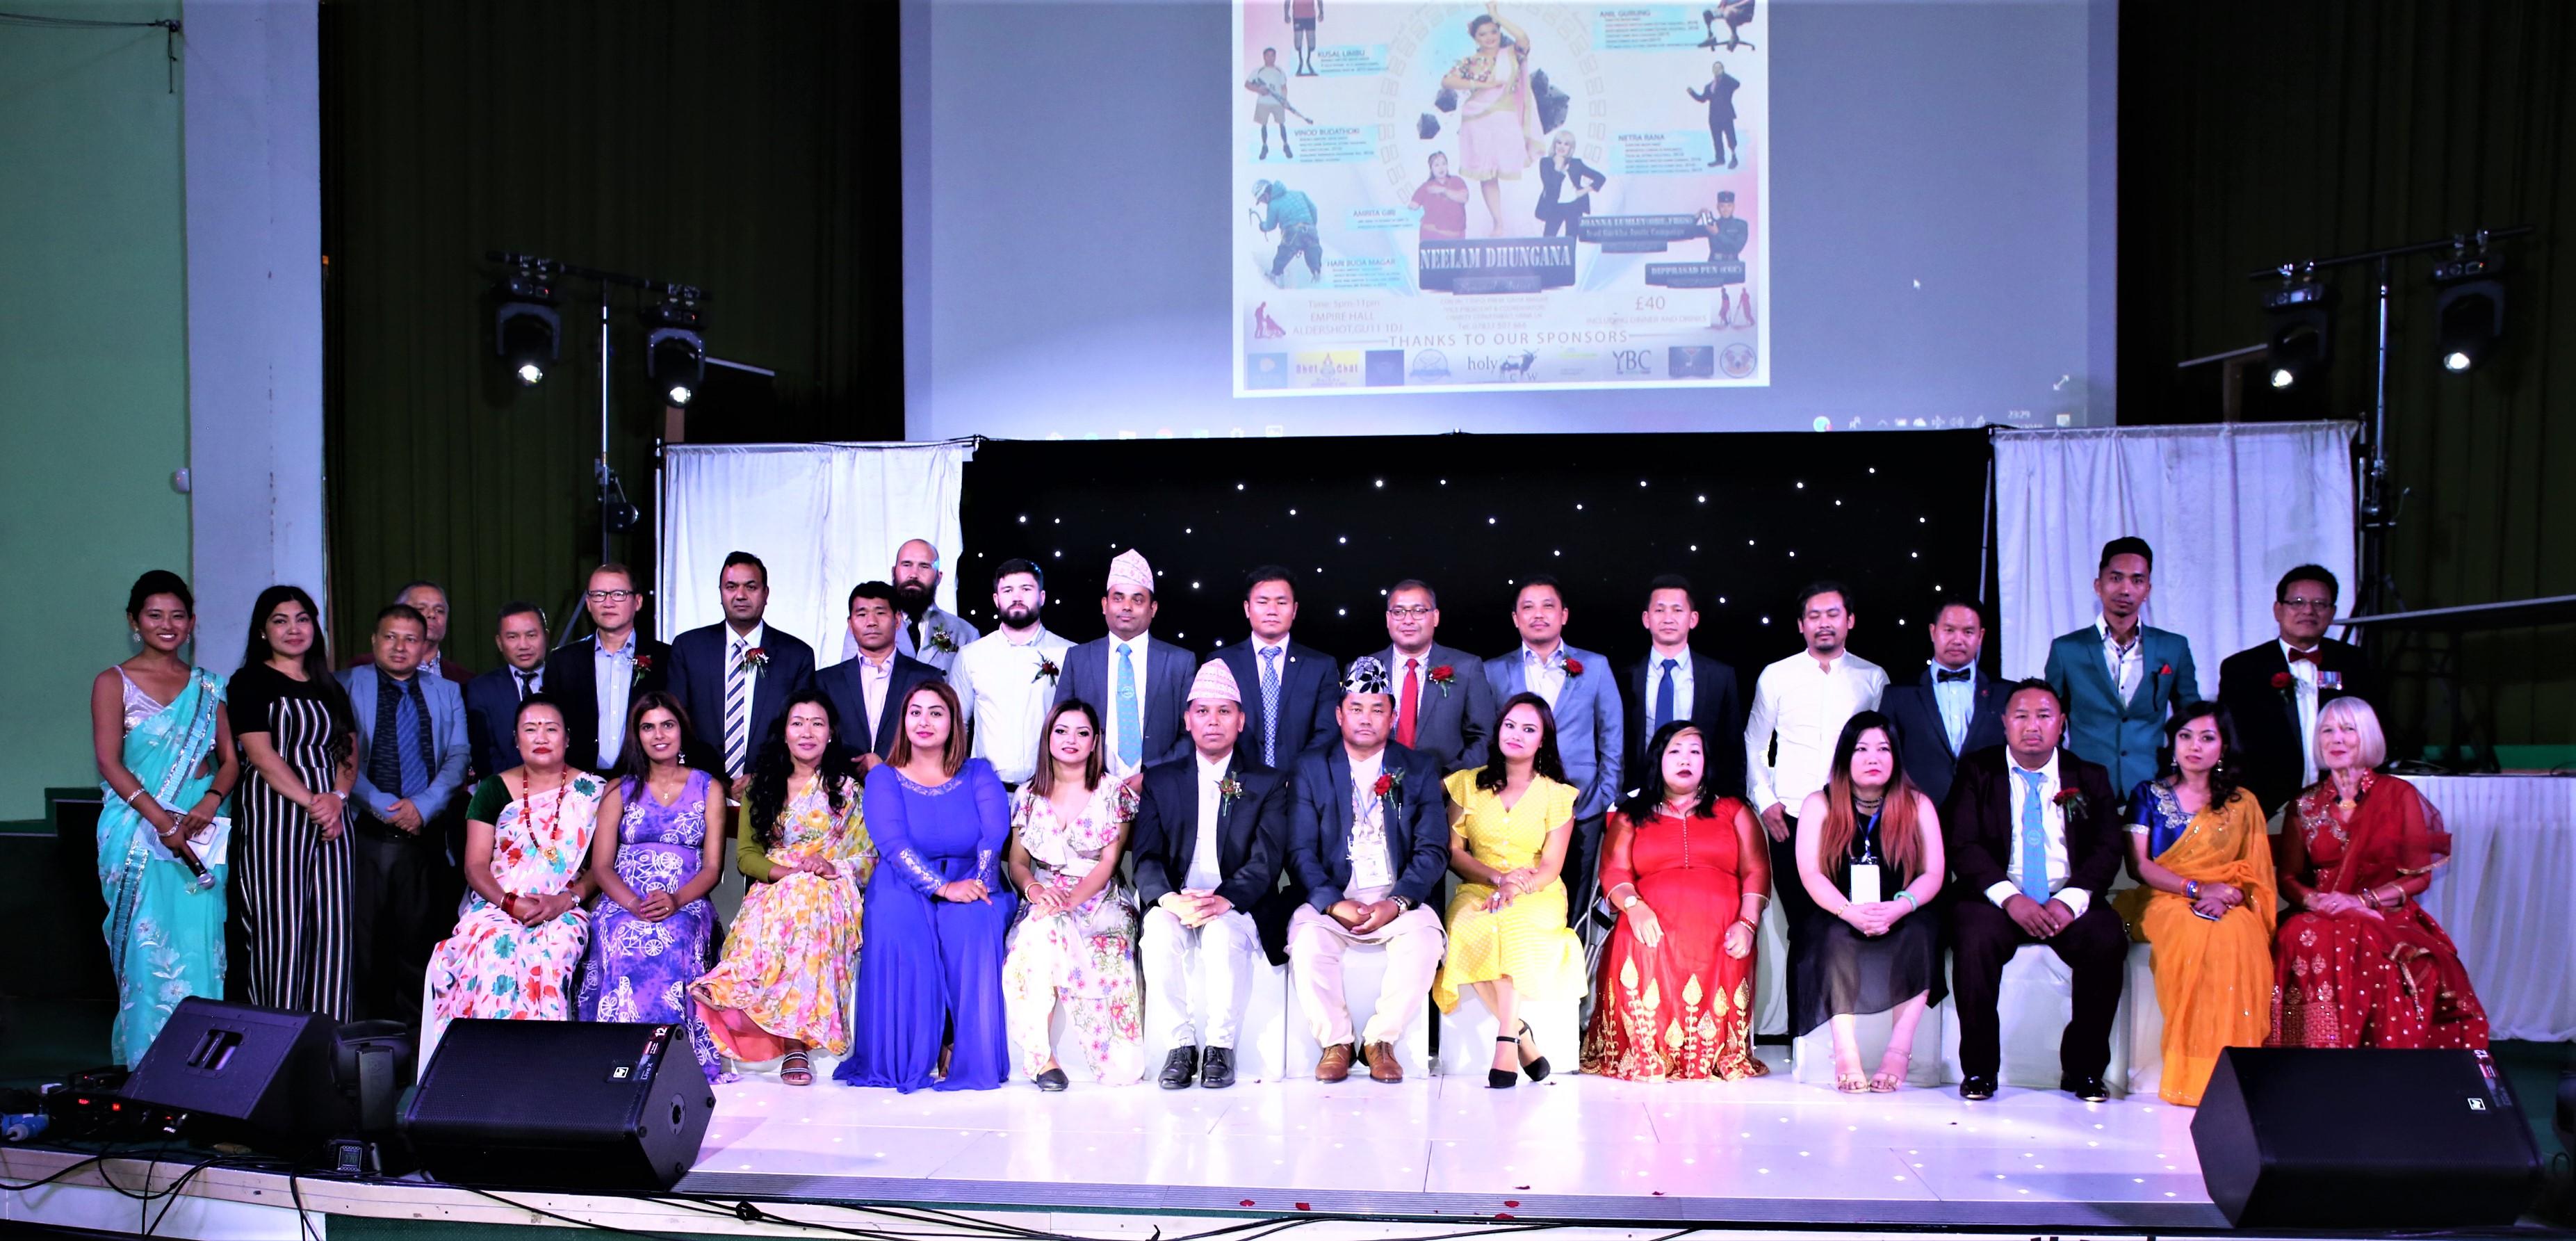 एनआरएनए युकेको कार्यक्रम : कलाकारको प्रस्तुतिले दर्शकका थामिएन आँसु